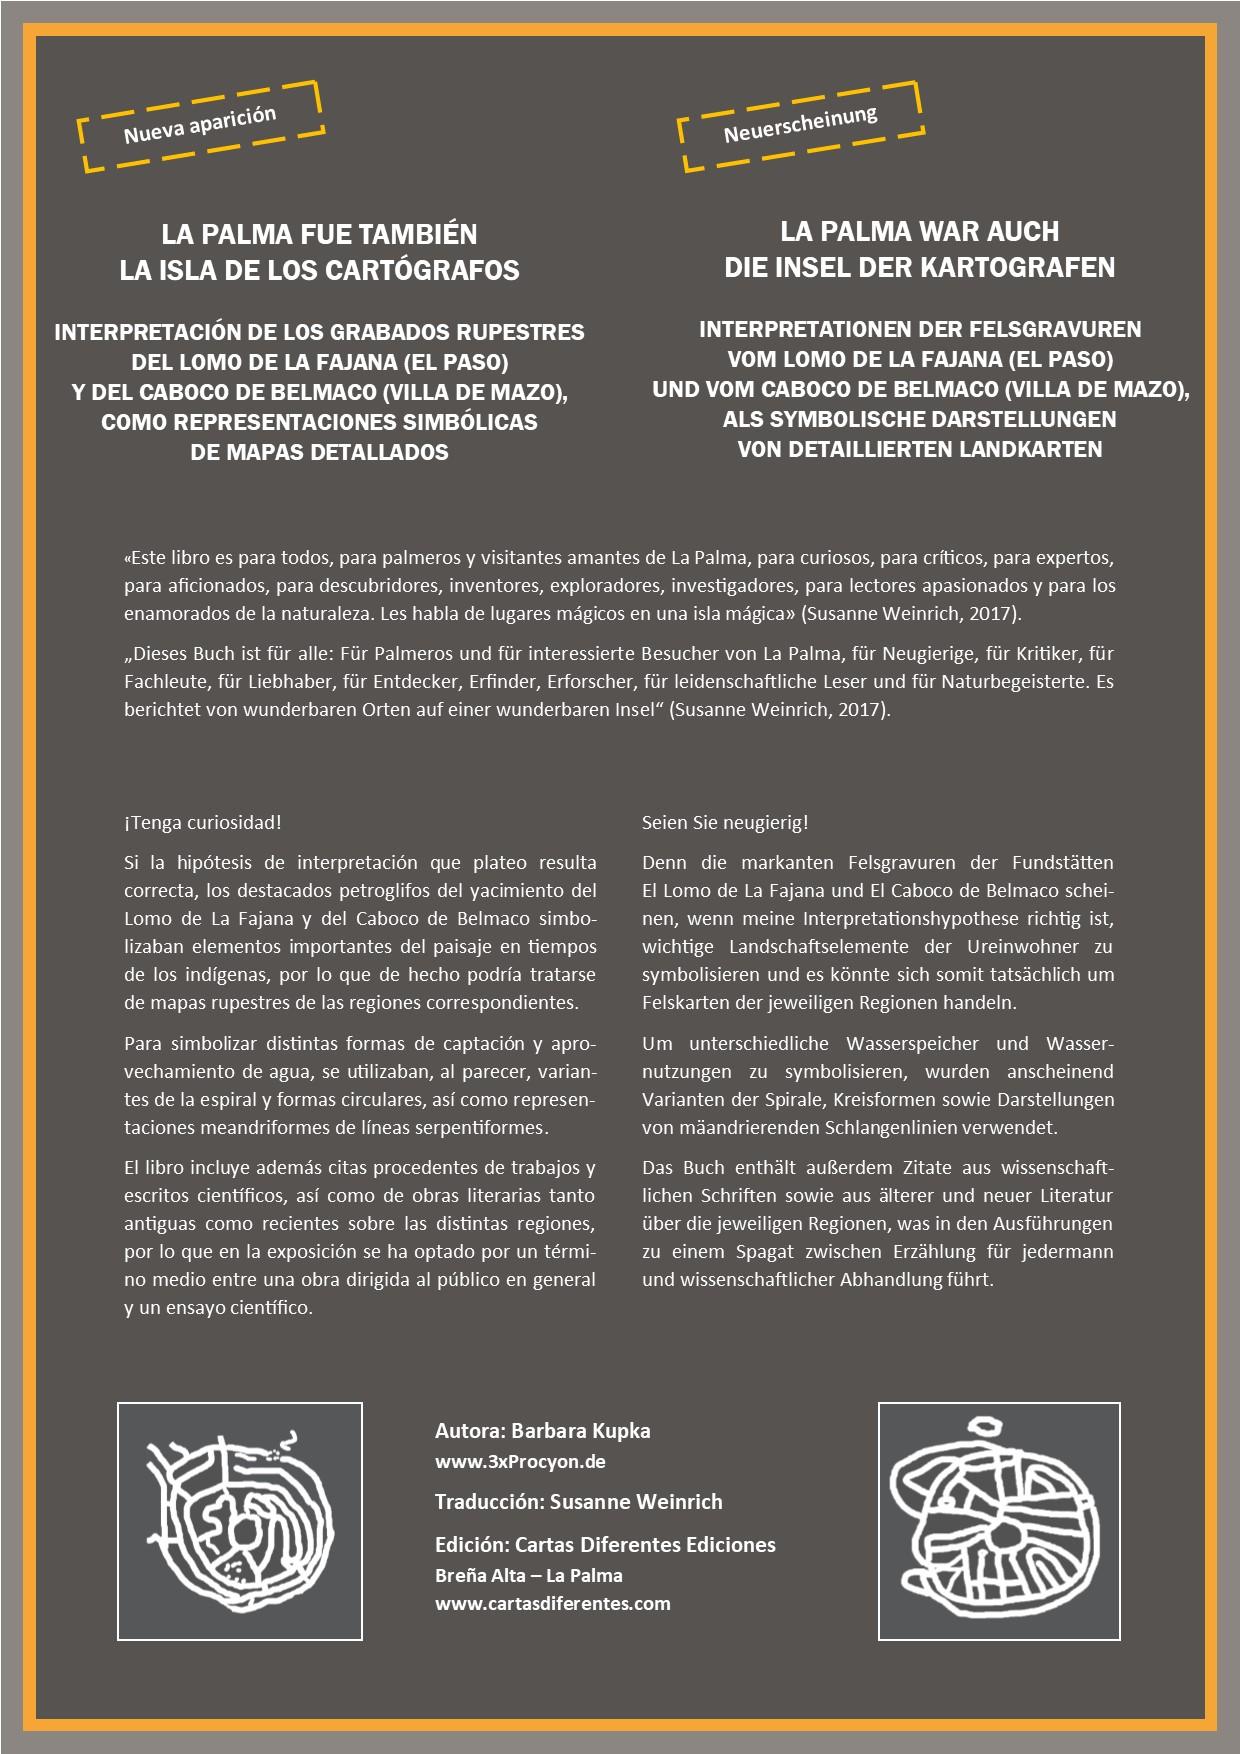 LA PALMA FUE TAMBIÉN LA ISLA DE LOS CARTÓGRAFOS. Autora: Bárbara Kupka. Traductora: Susanne Weinrich. Edición: Cartas Diferentes Ediciones.